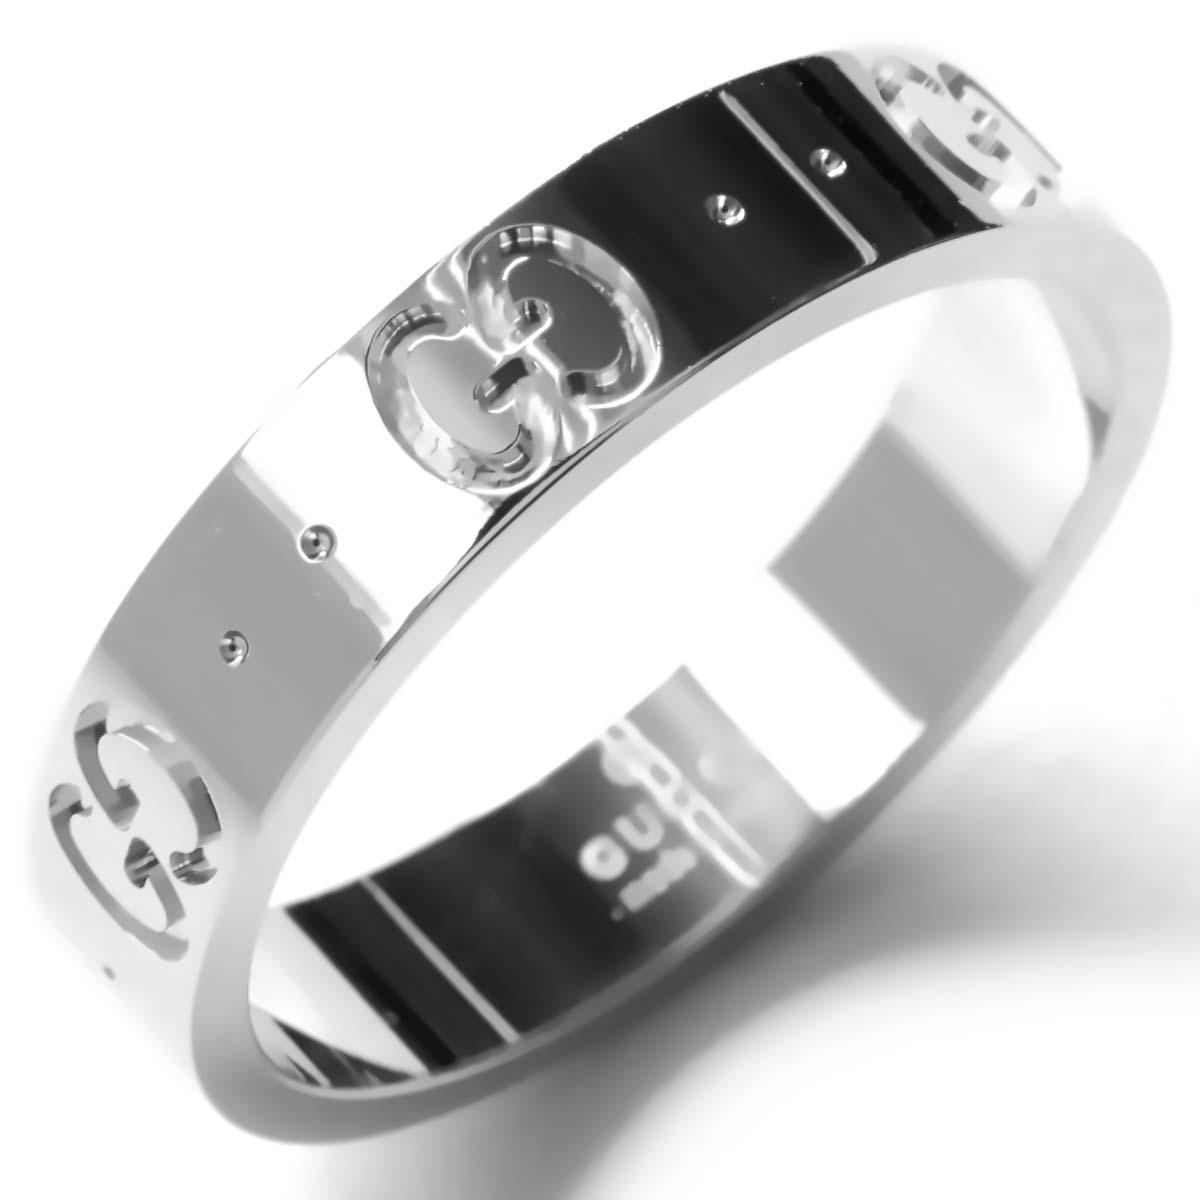 e4a1389d34c7 グッチ リング【指輪】 アクセサリー メンズ レディース GGアイコン シルバー ホワイトゴールド 073230 09850 9000